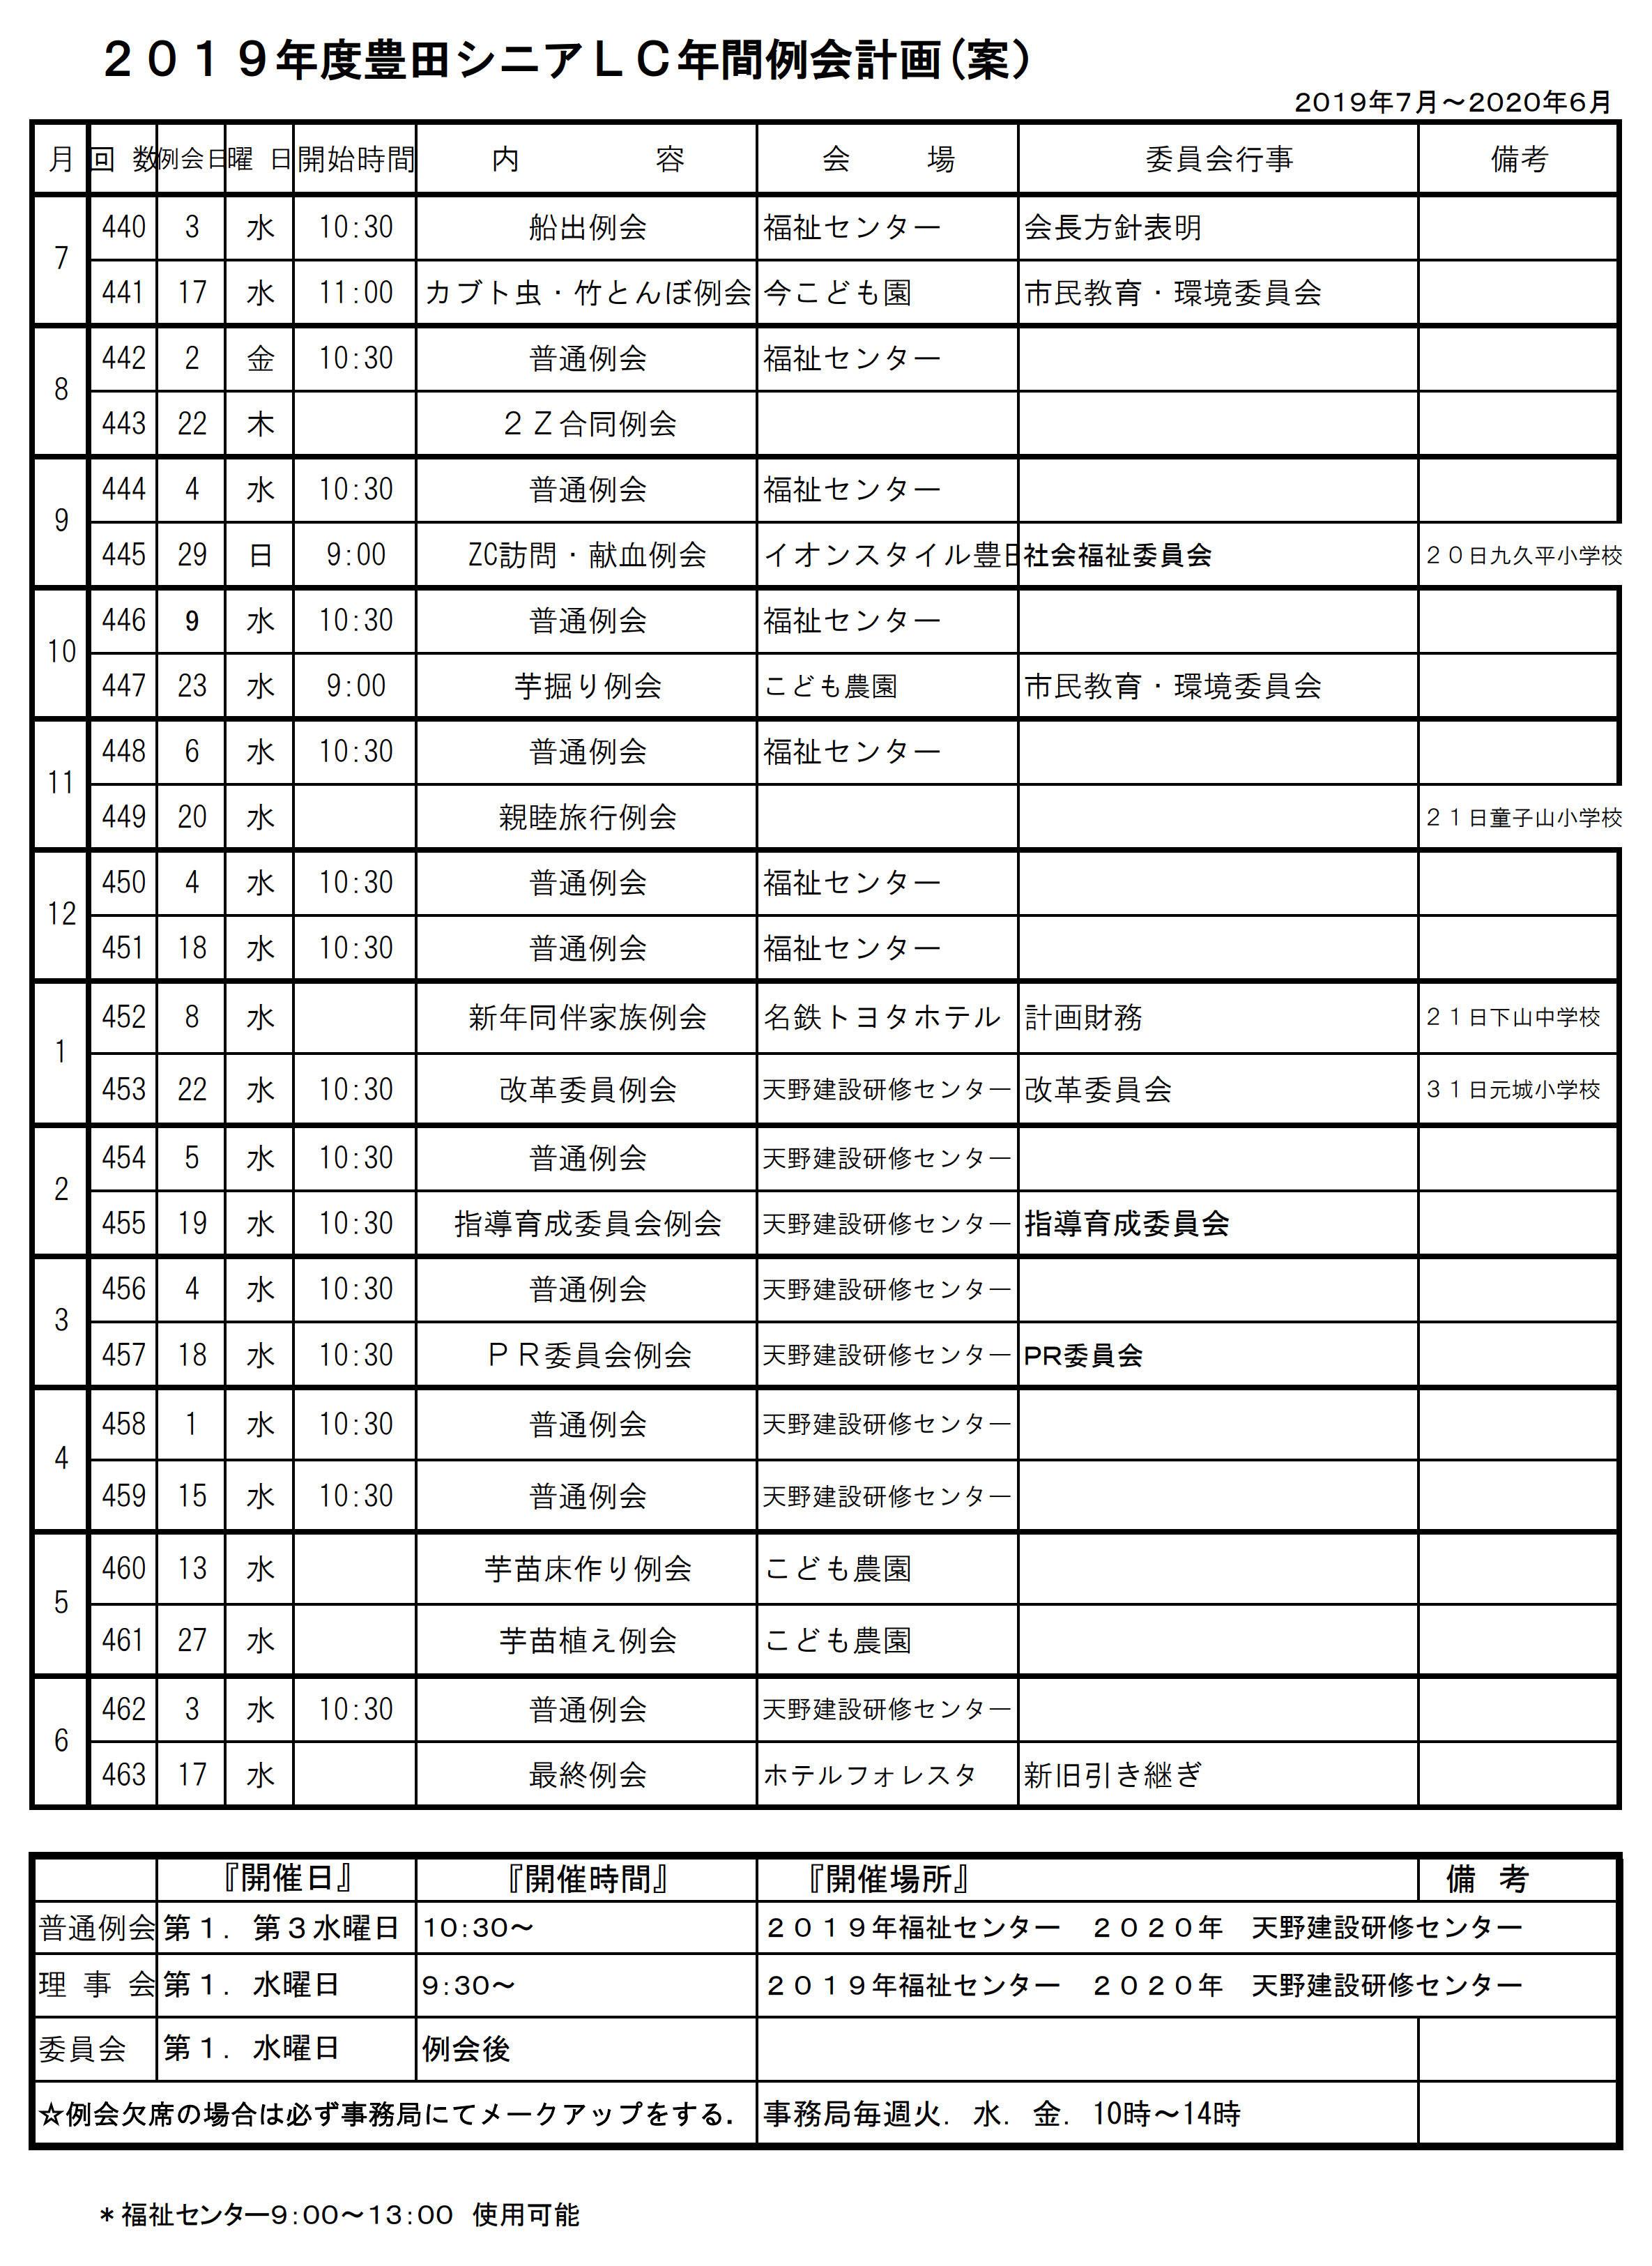 2豊田シニアLC年間例会計画表1